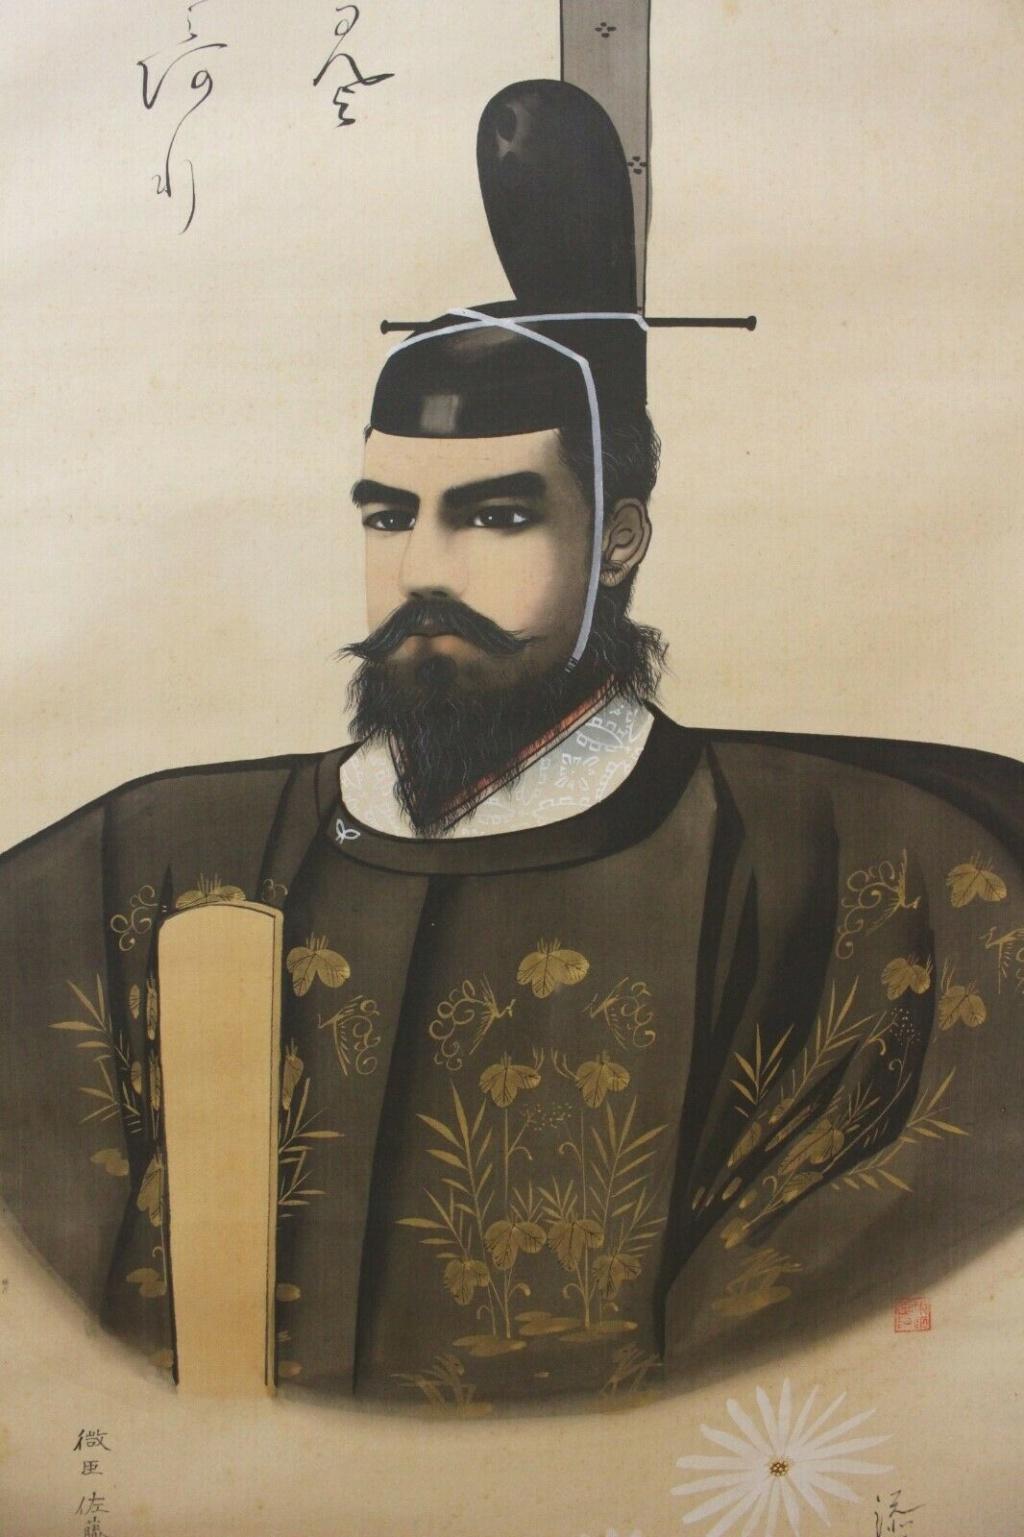 """L'art populaire """"Ôtsu-e"""" dans la représentation de l'emp. Taisho sur kakemono Meiji_11"""